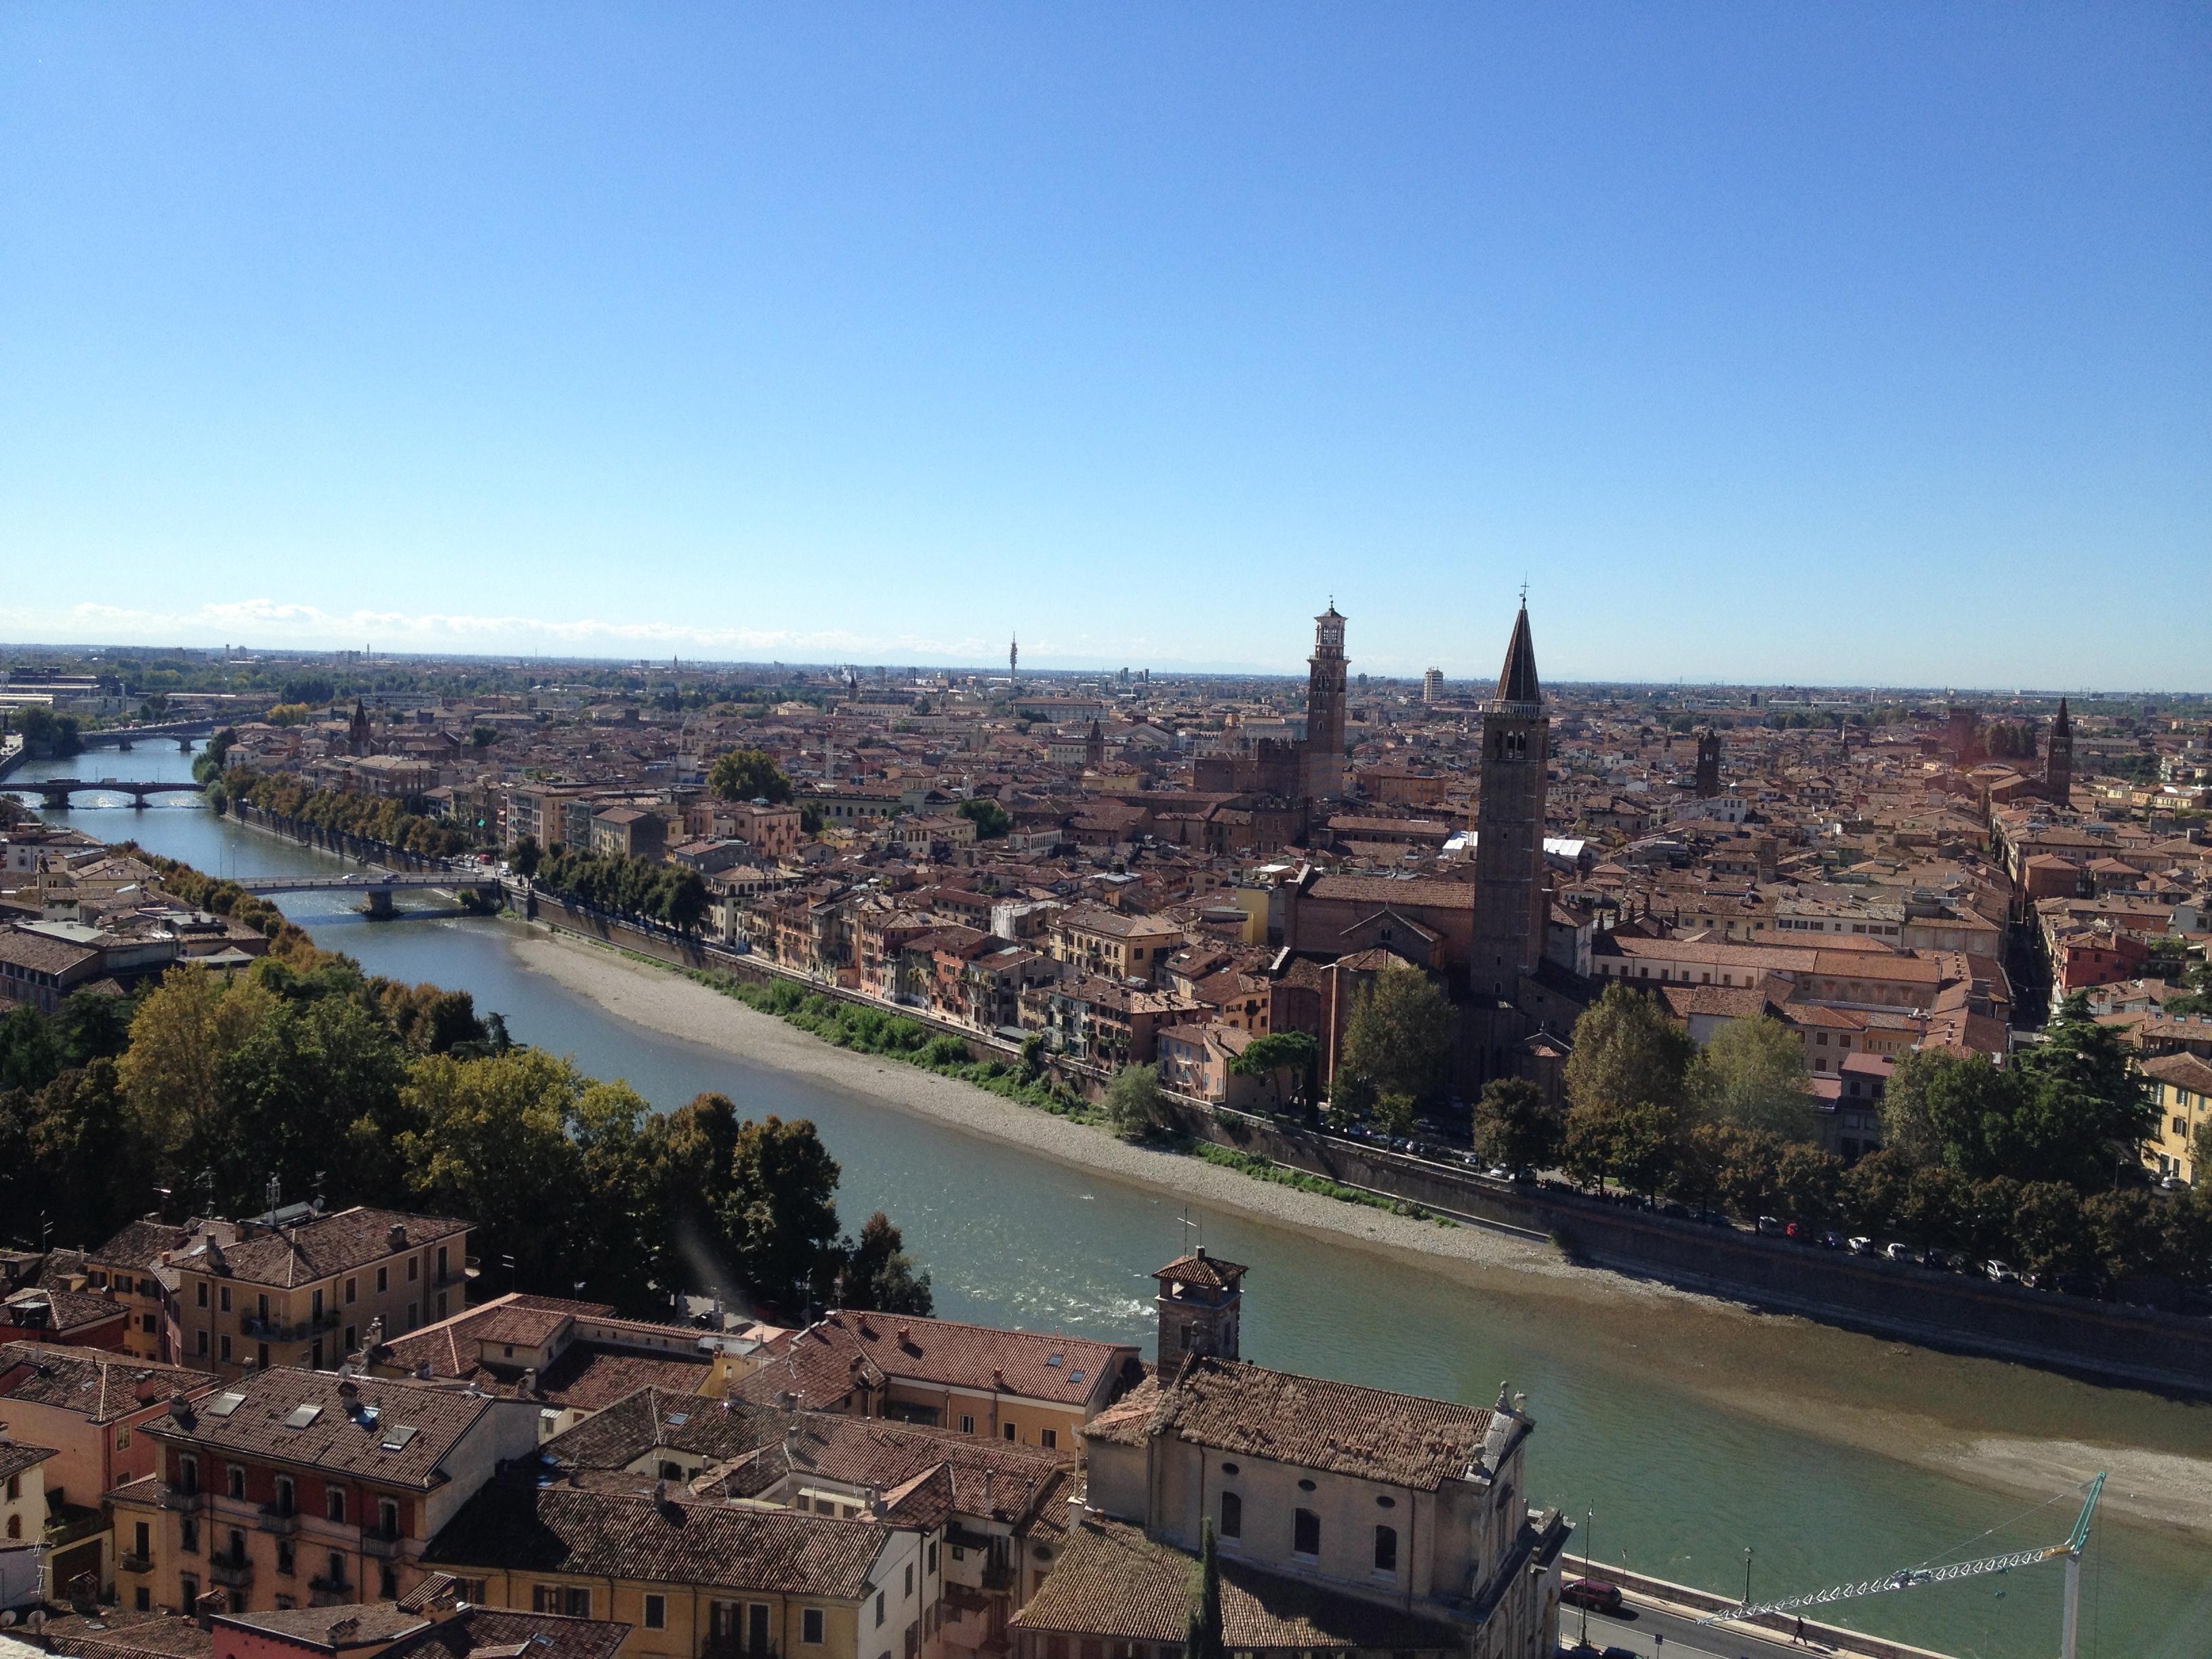 Ihana Verona/ Lovely Verona